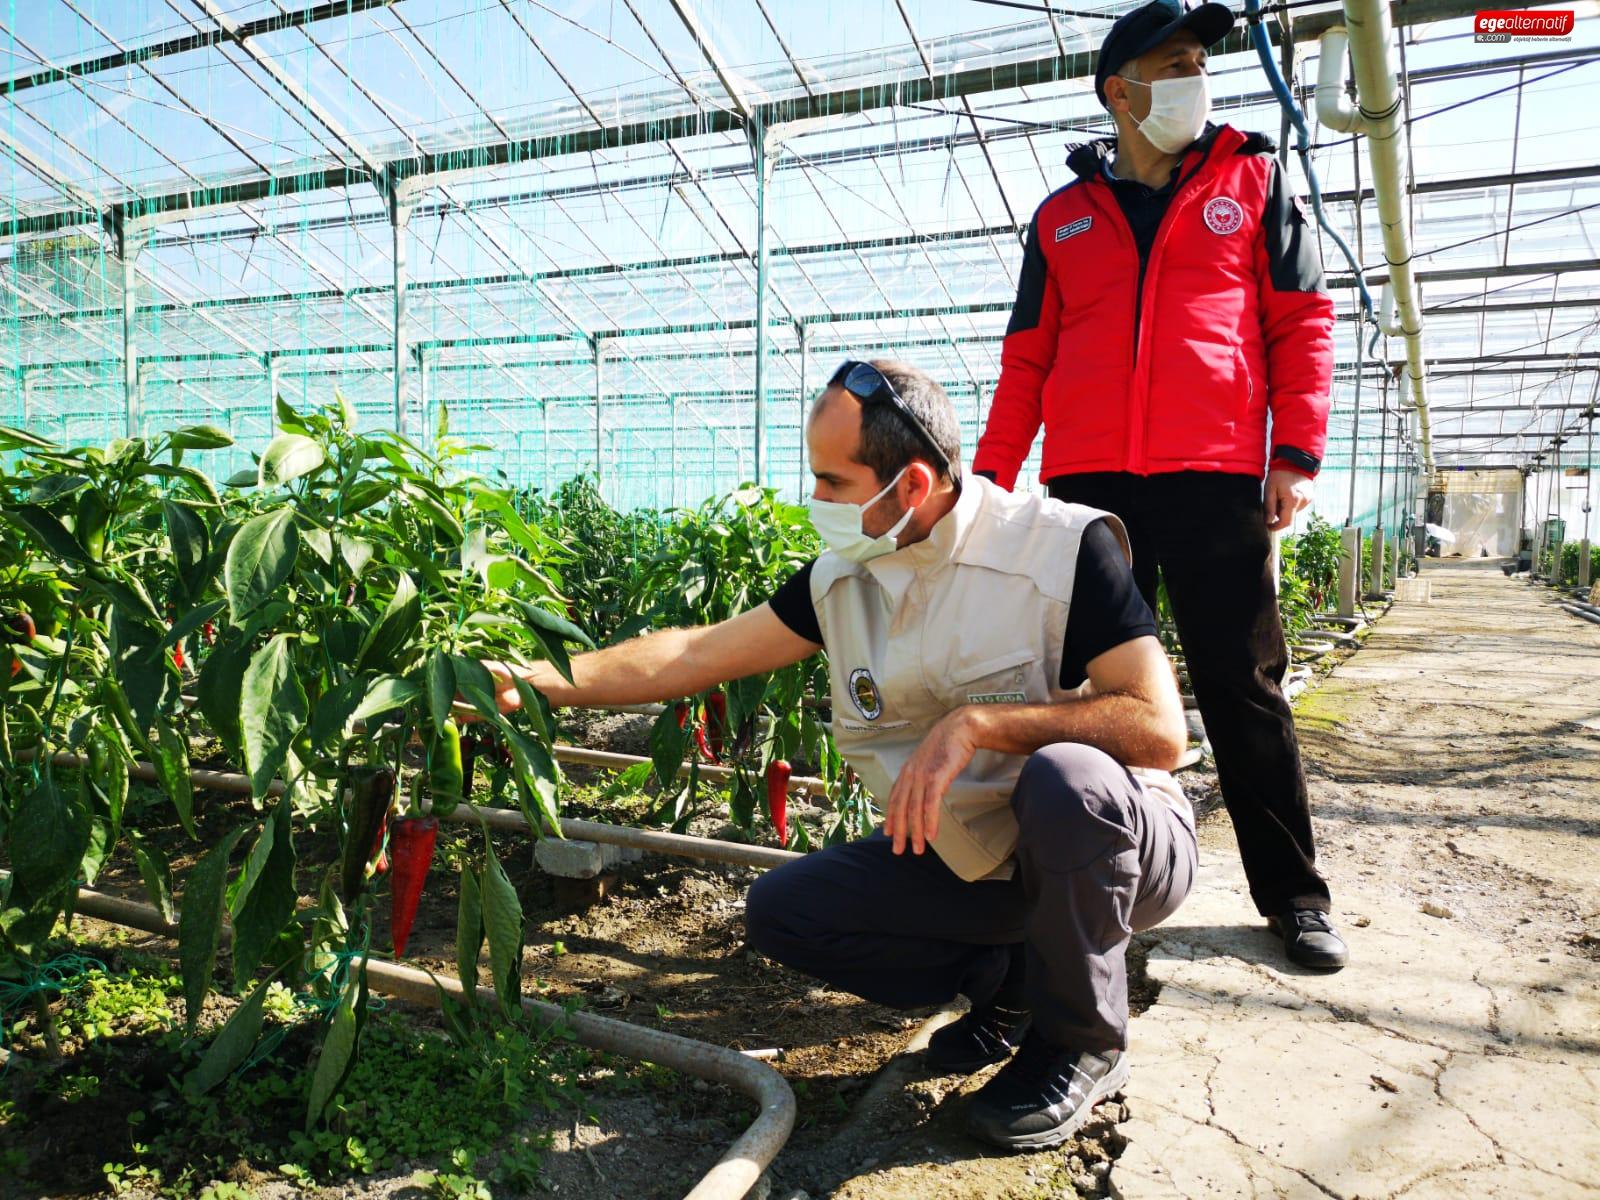 Pandemide köye dönüş başladı! Tarımsal üretim arttı!